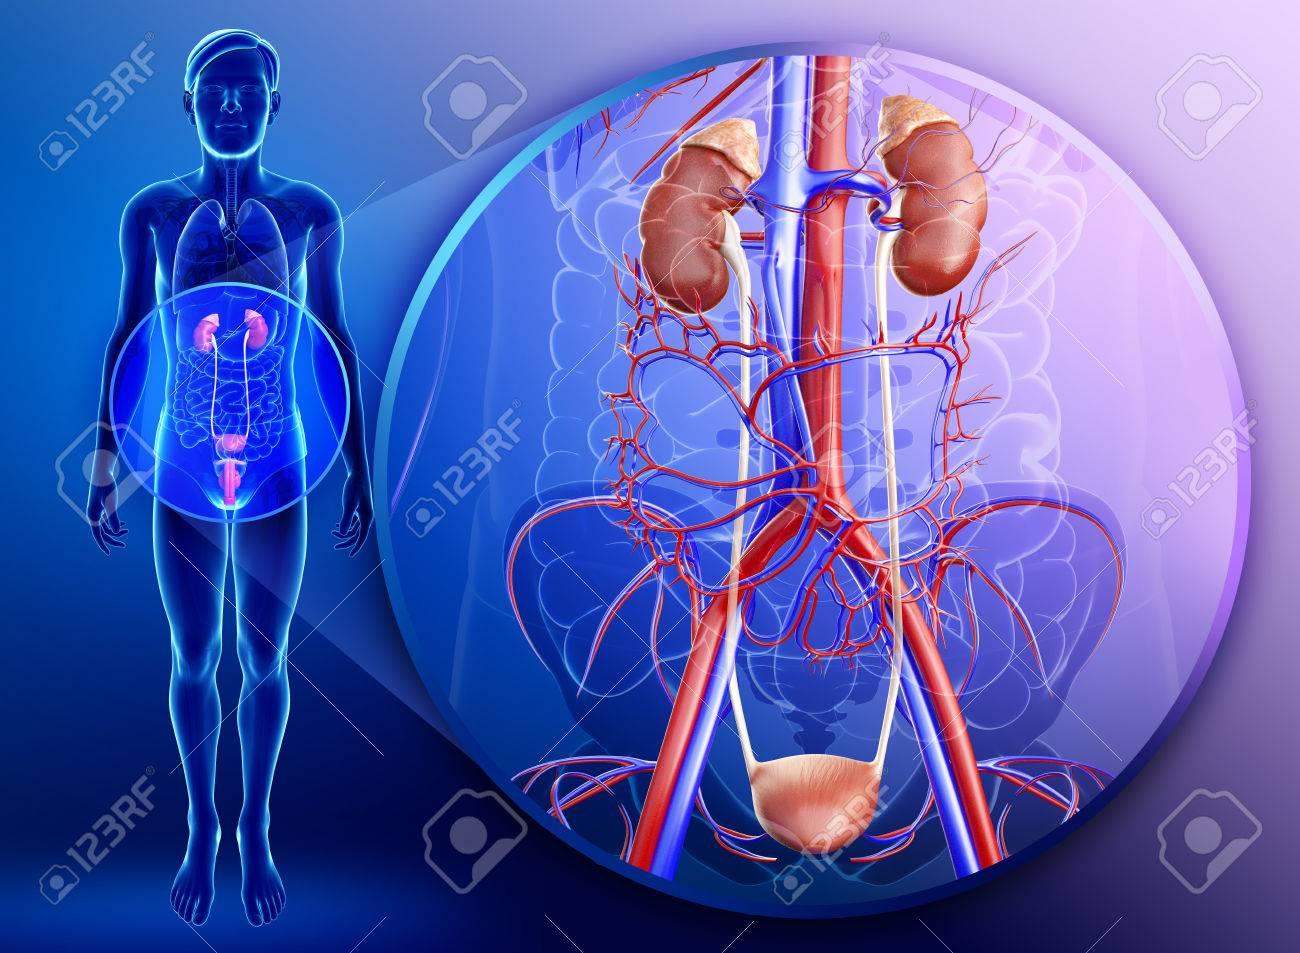 Illustration Der Männlichen Niere Anatomie Lizenzfreie Fotos, Bilder ...